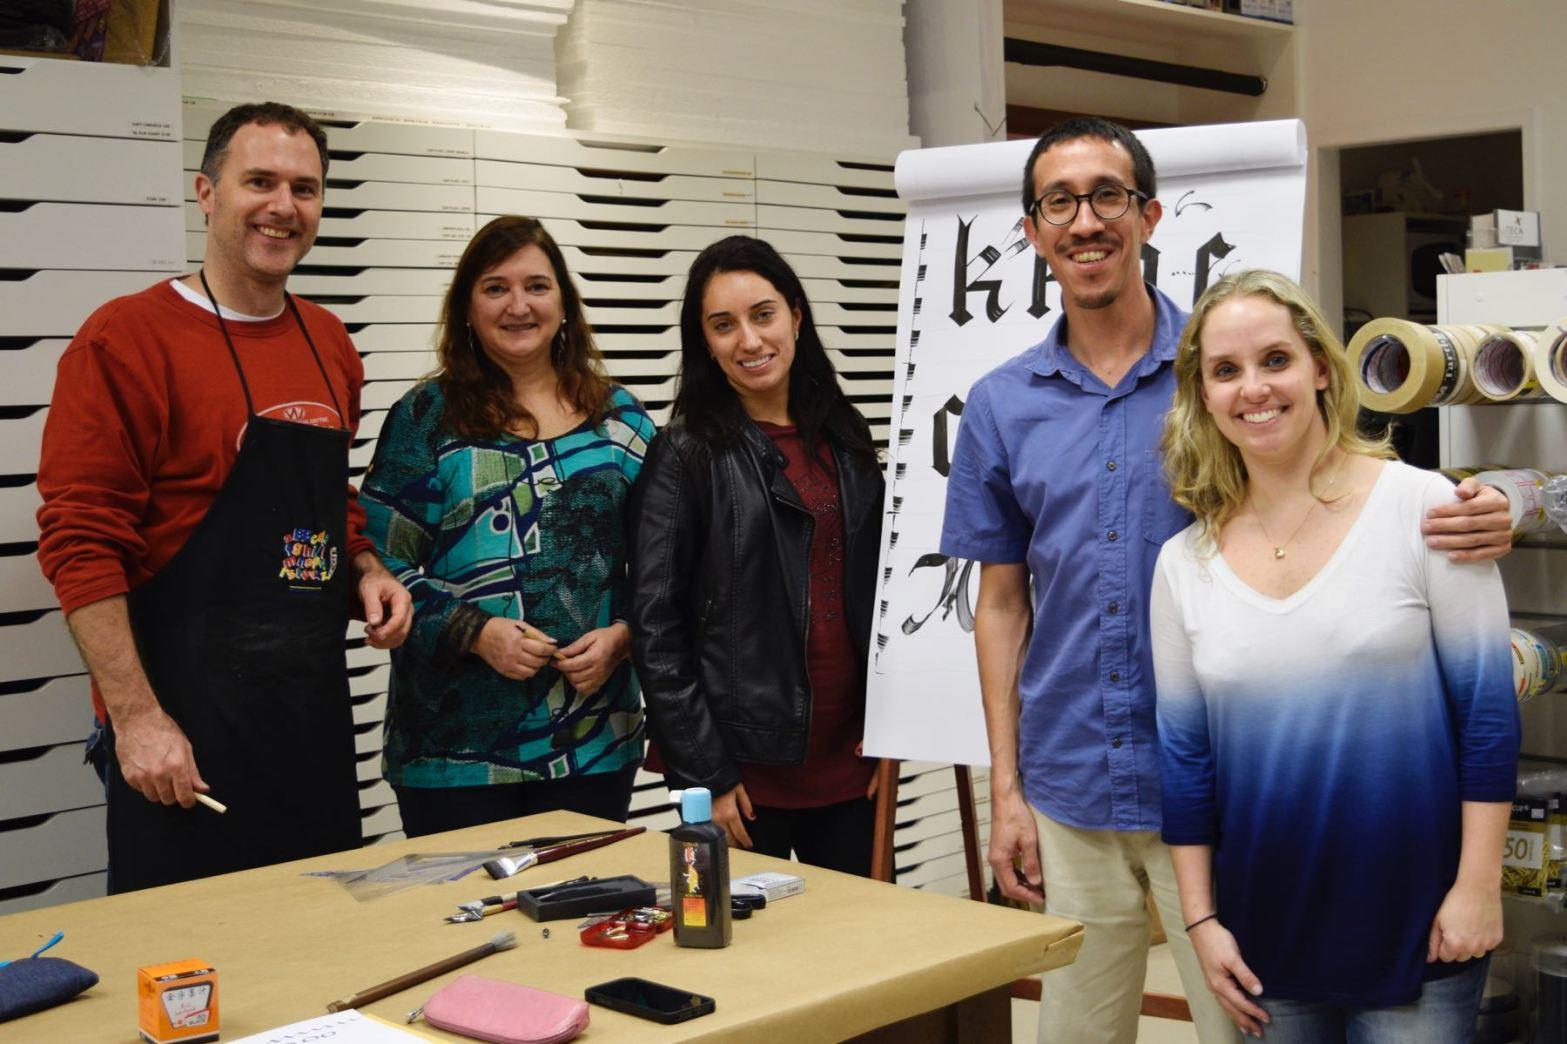 Foto com quatro participantes da oficina e o instrutor, junto à mesa e à frente de um flowchart com modelos de letras